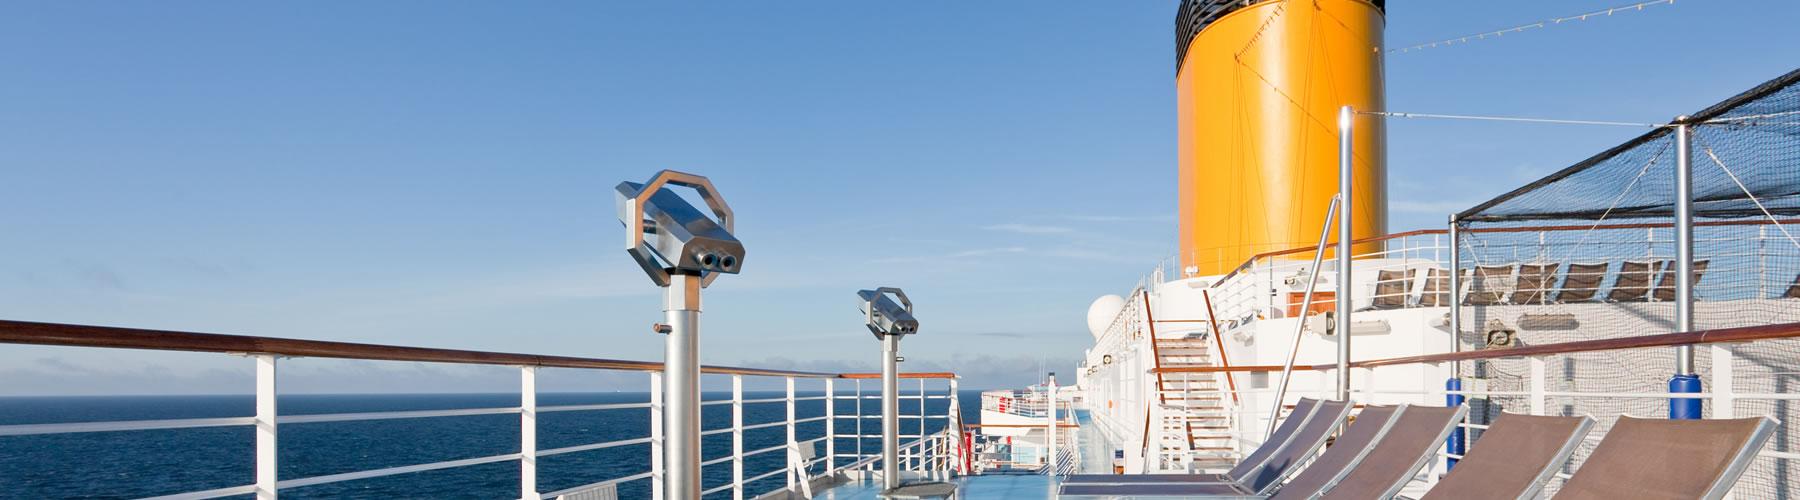 Sconto Traghetti per la Sardegna